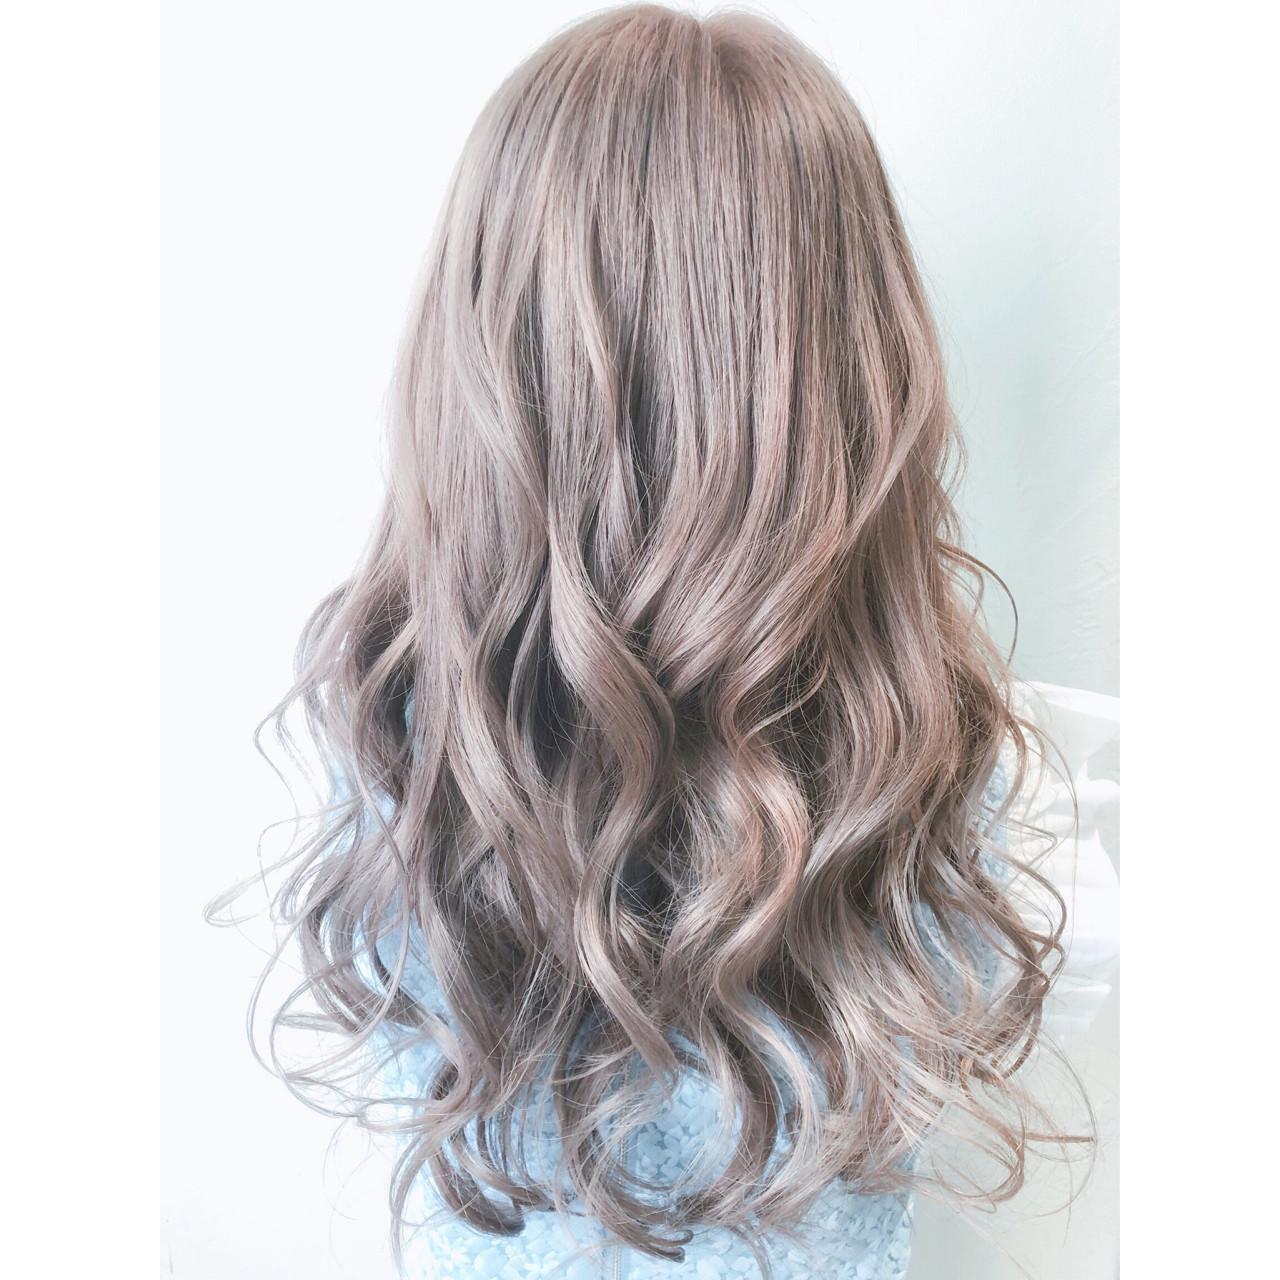 ハイトーン 簡単ヘアアレンジ イルミナカラー フェミニン ヘアスタイルや髪型の写真・画像